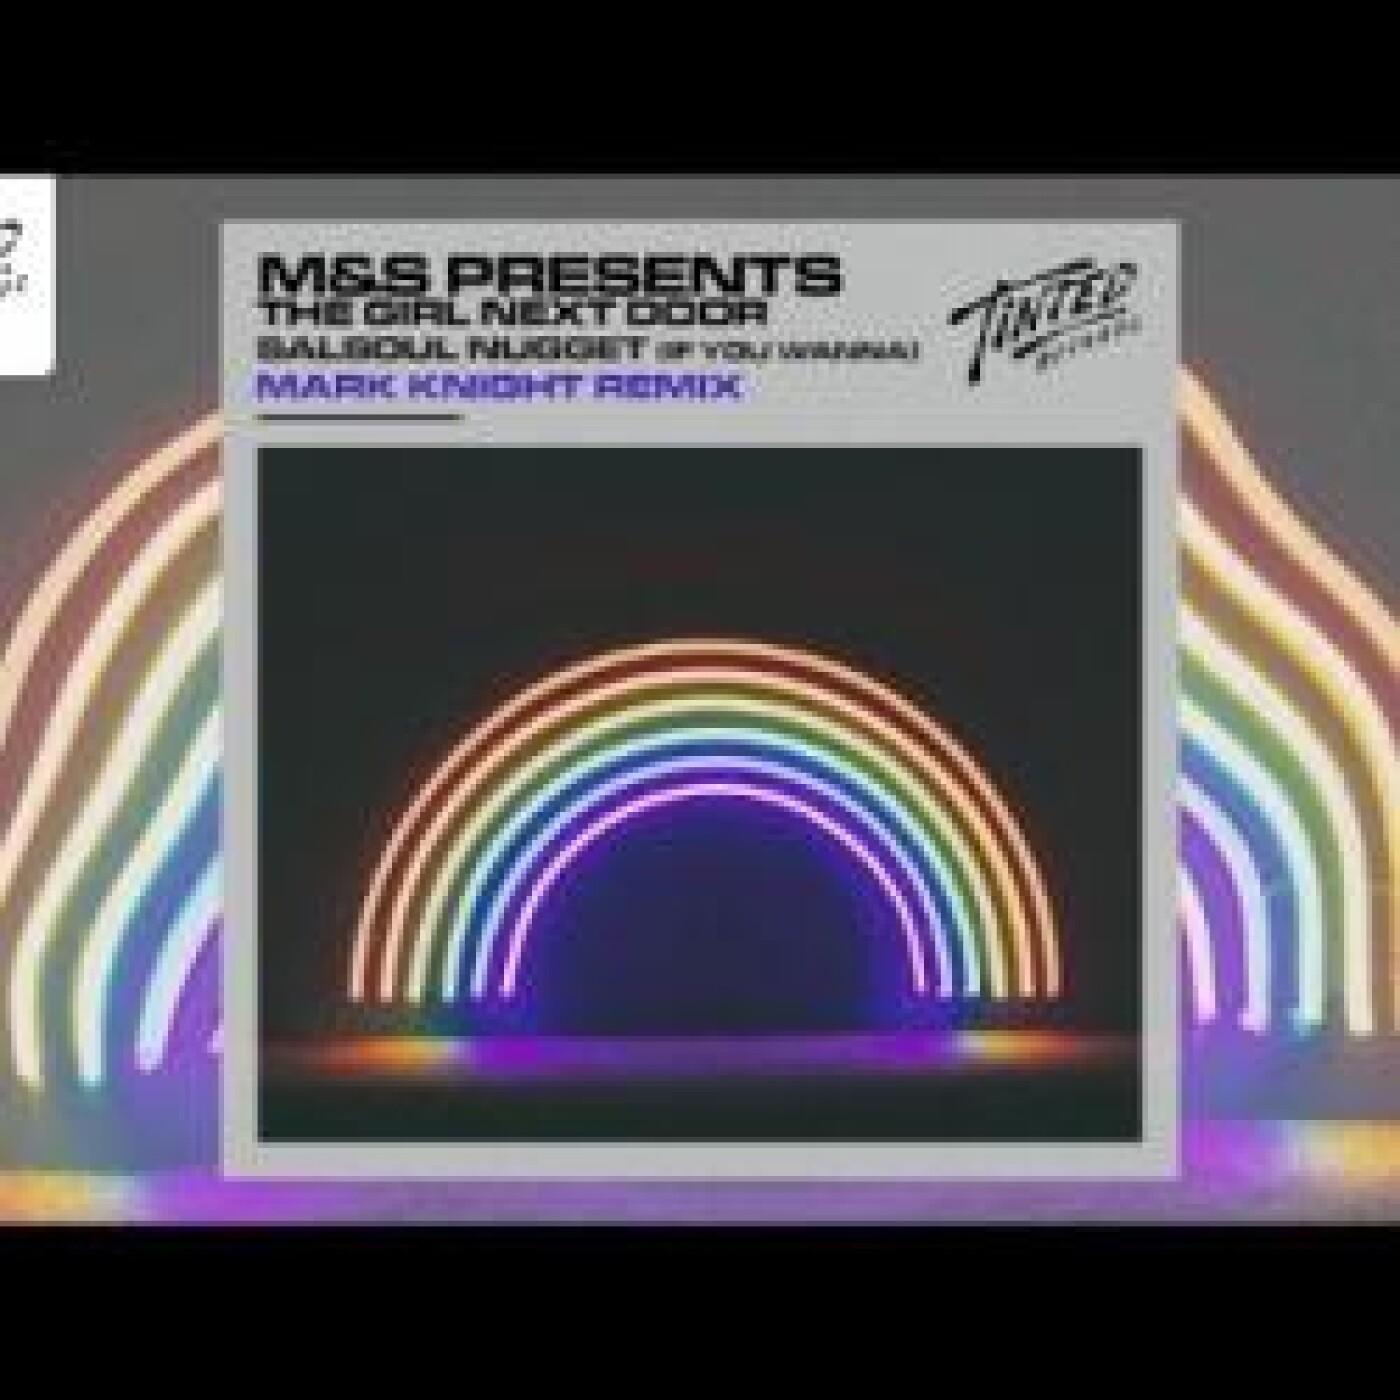 FG MUSIC NEWS : Nouveau remix pour Mark Knight qui annonce un...